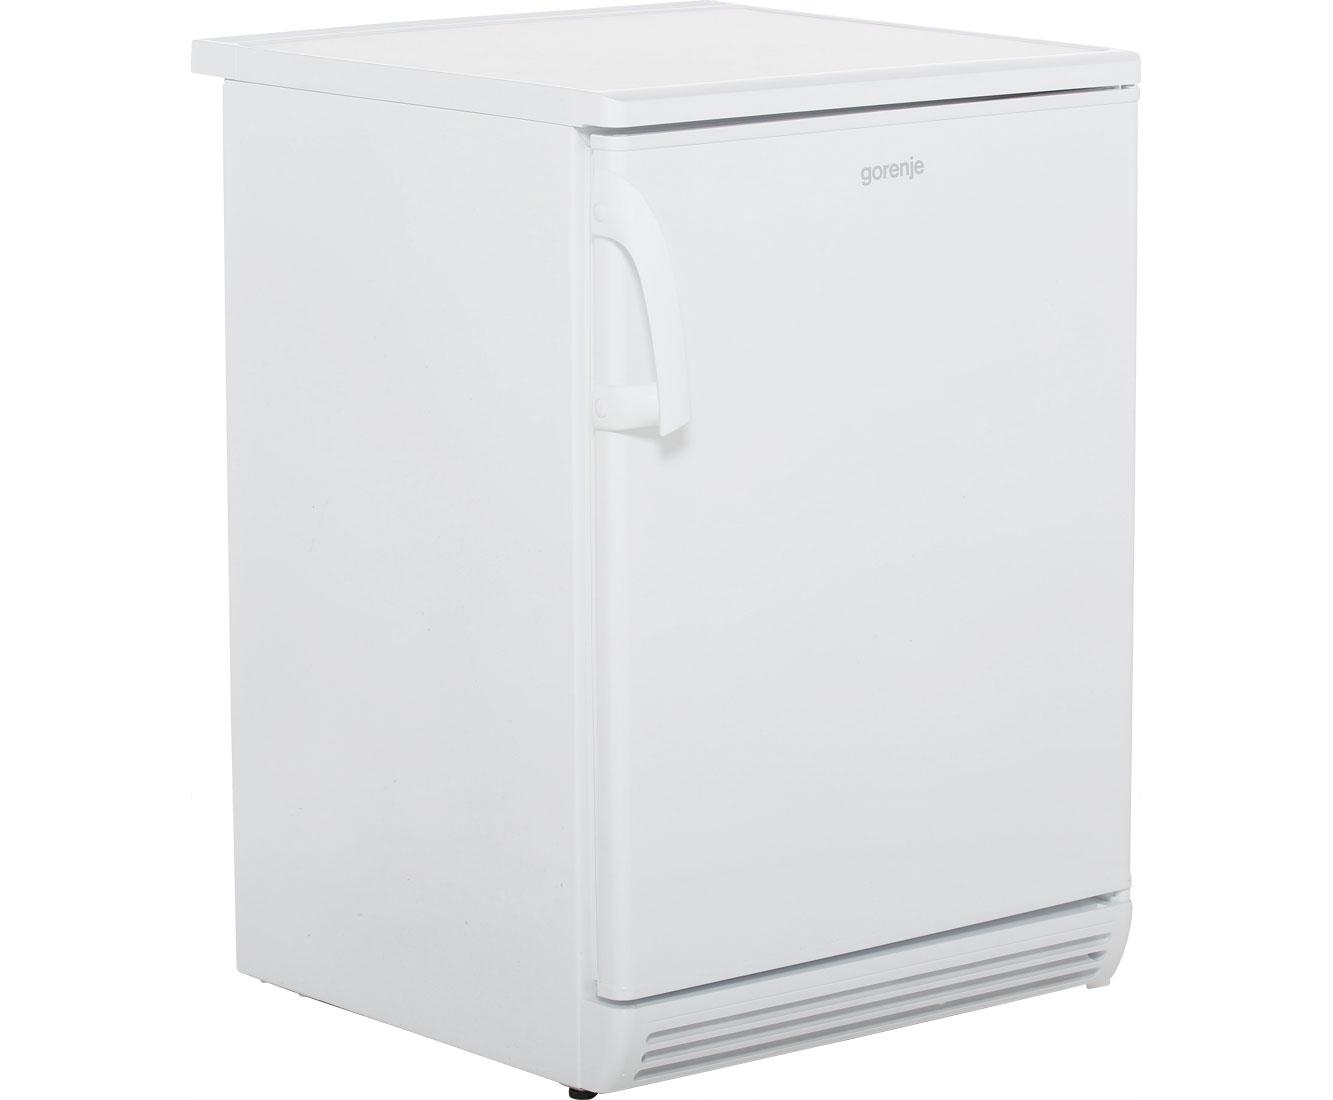 Aeg Kühlschrank Welche Stufe : Kühlschrank welche stufe reparatur liebherr gefrierschrank